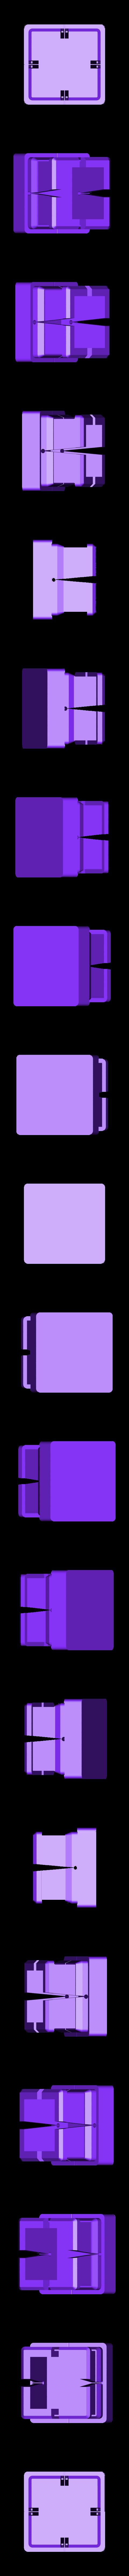 footplug.stl Télécharger fichier STL gratuit Bouchon pour profilé métallique carré • Plan imprimable en 3D, glassy